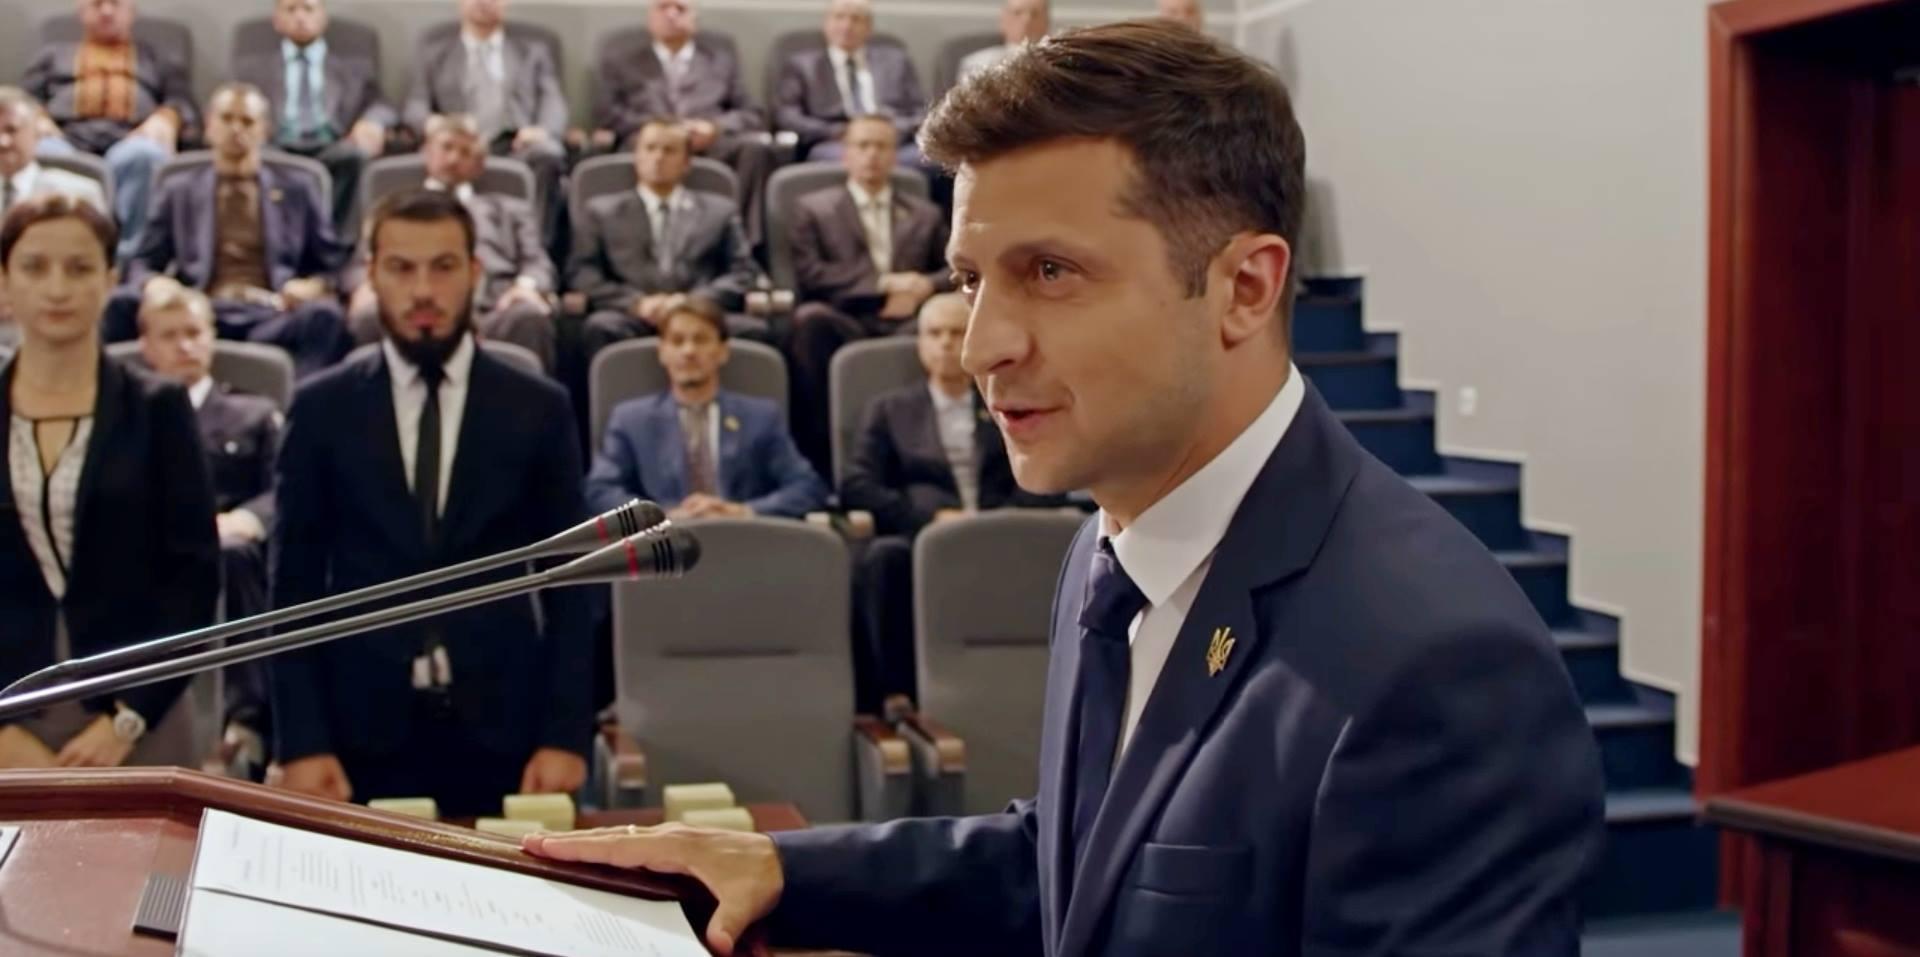 Украинада парламенттик шайлоодо Зеленскийдин партиясы биринчиликке чыкты